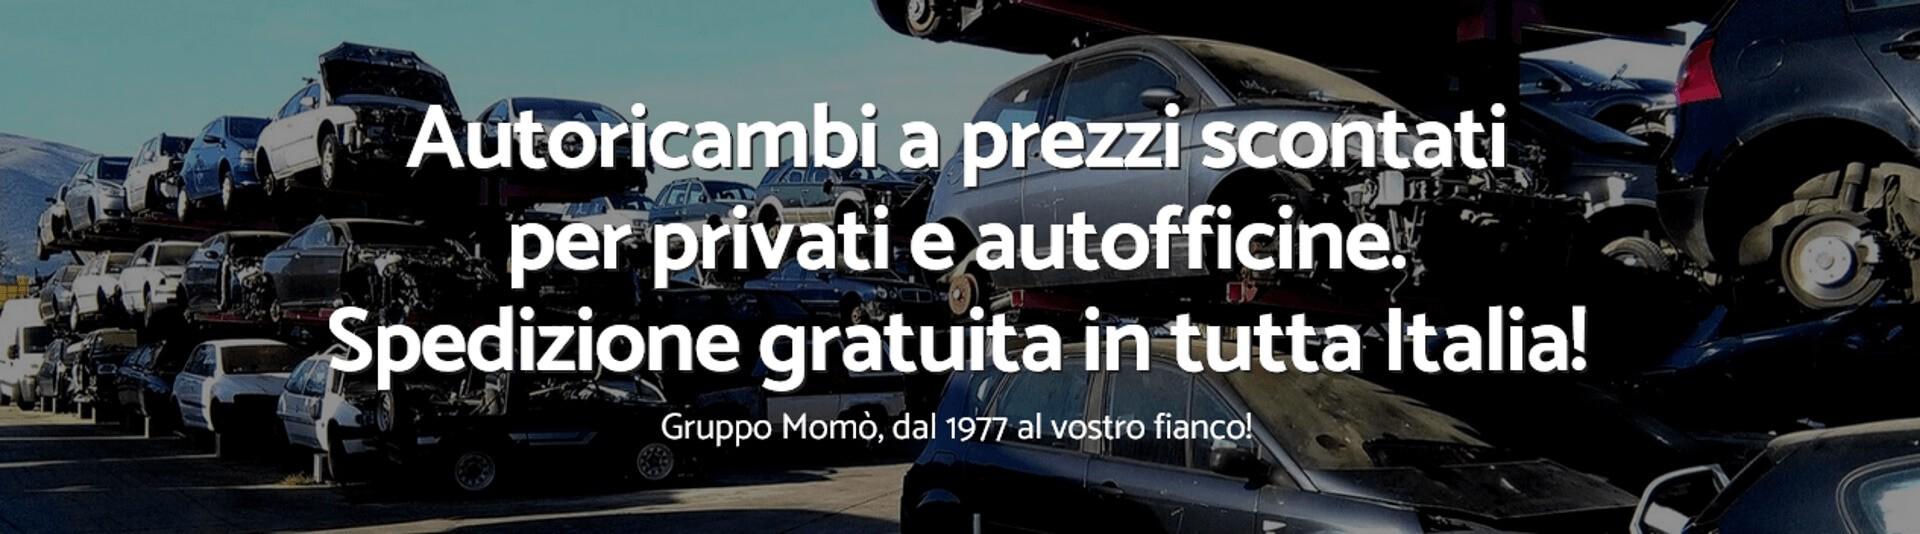 Autoricambi a prezzi scontati per privati e autofficine. Spedizione gratuita in tutta Italia! Gruppo Momò, dal 1977 al vostro fianco!